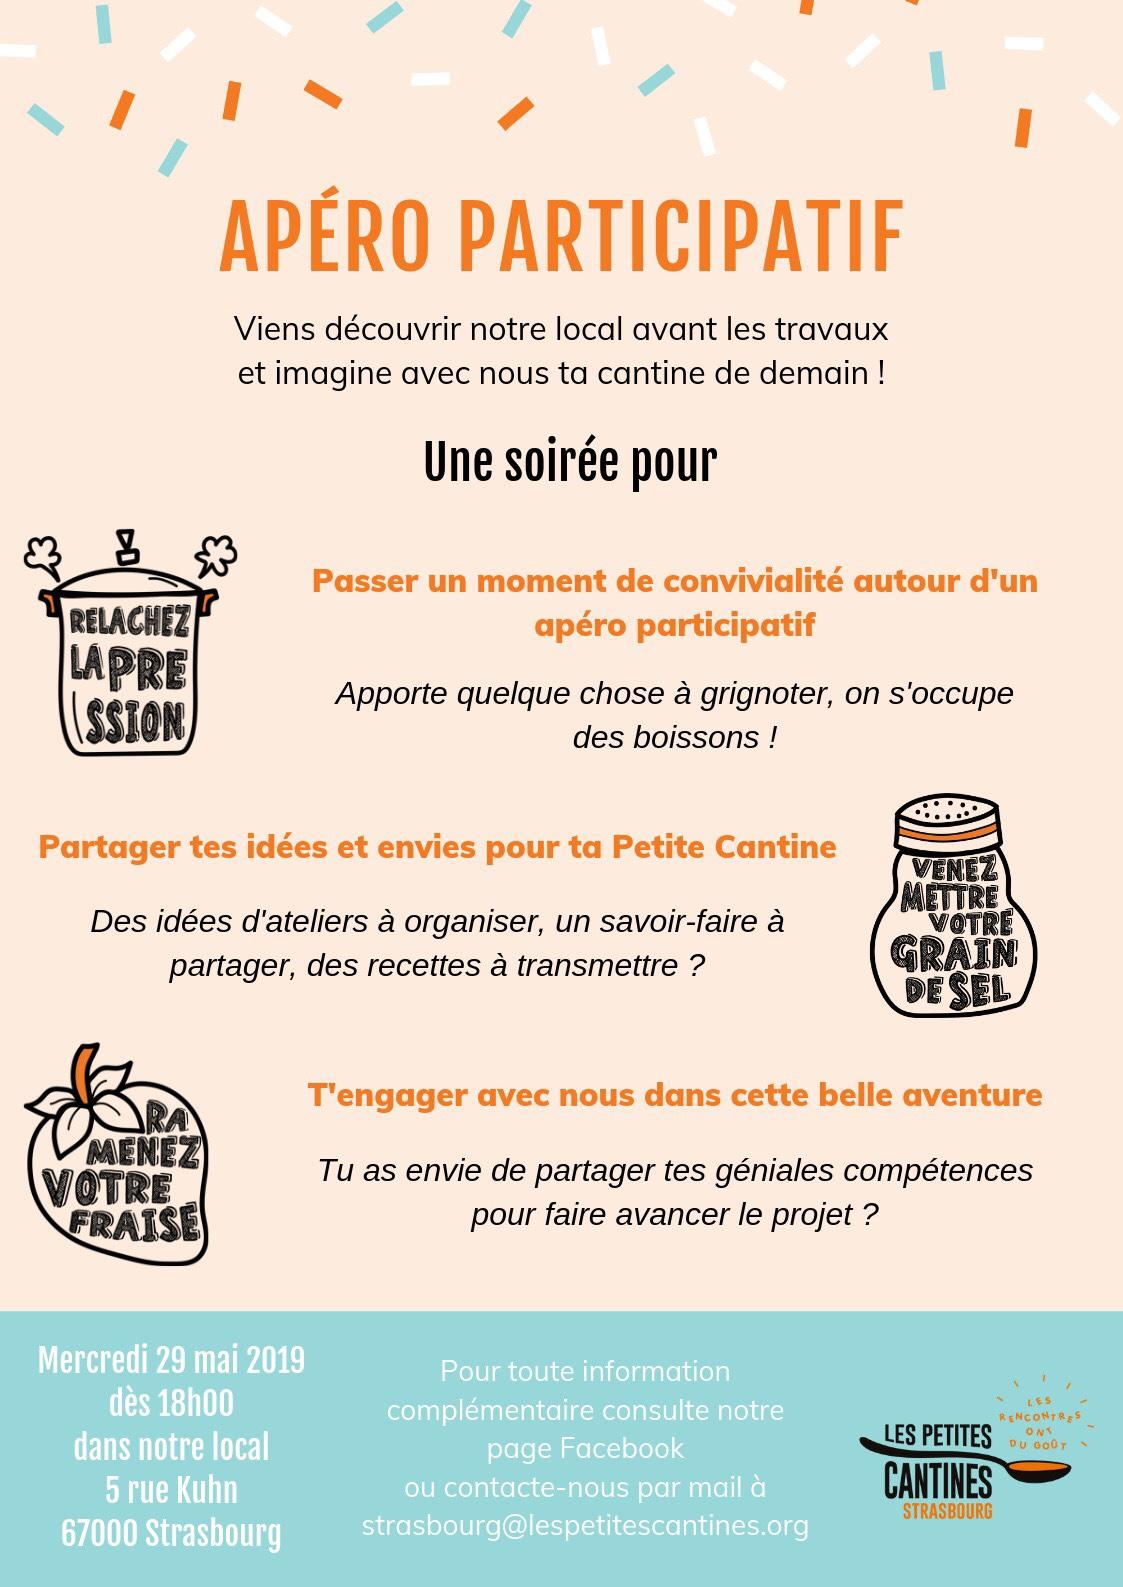 Les petites cantines invite à un apéro participatif le 29 mai